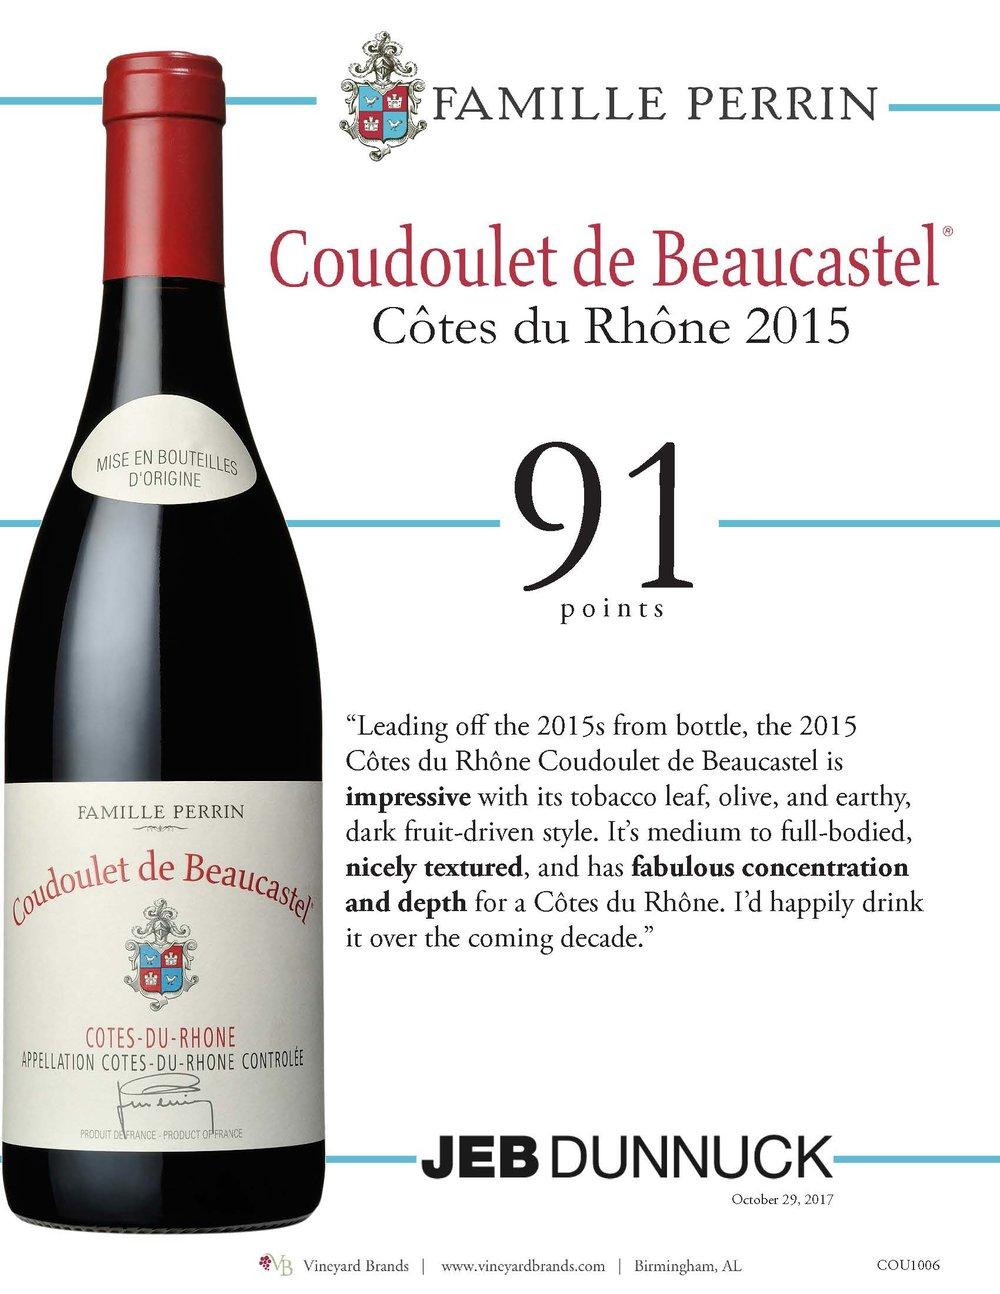 Famille Perrin Coudoulet de Beaucastel 2015.jpg